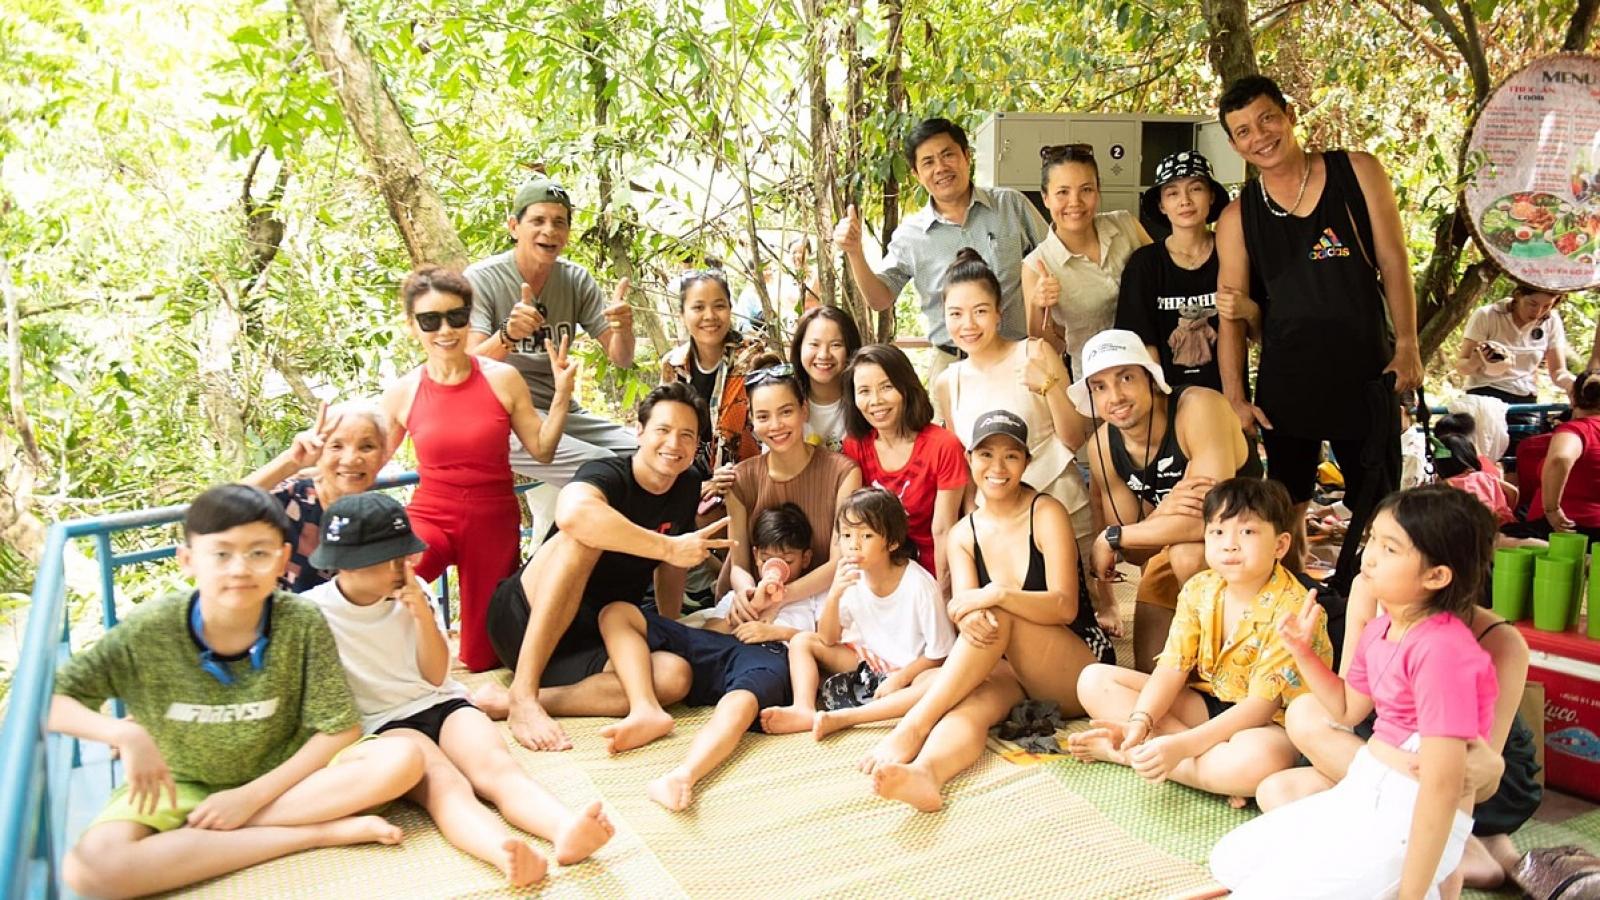 Chuyện showbiz: Gia đình Hồ Ngọc Hà khám phá động Phong Nha